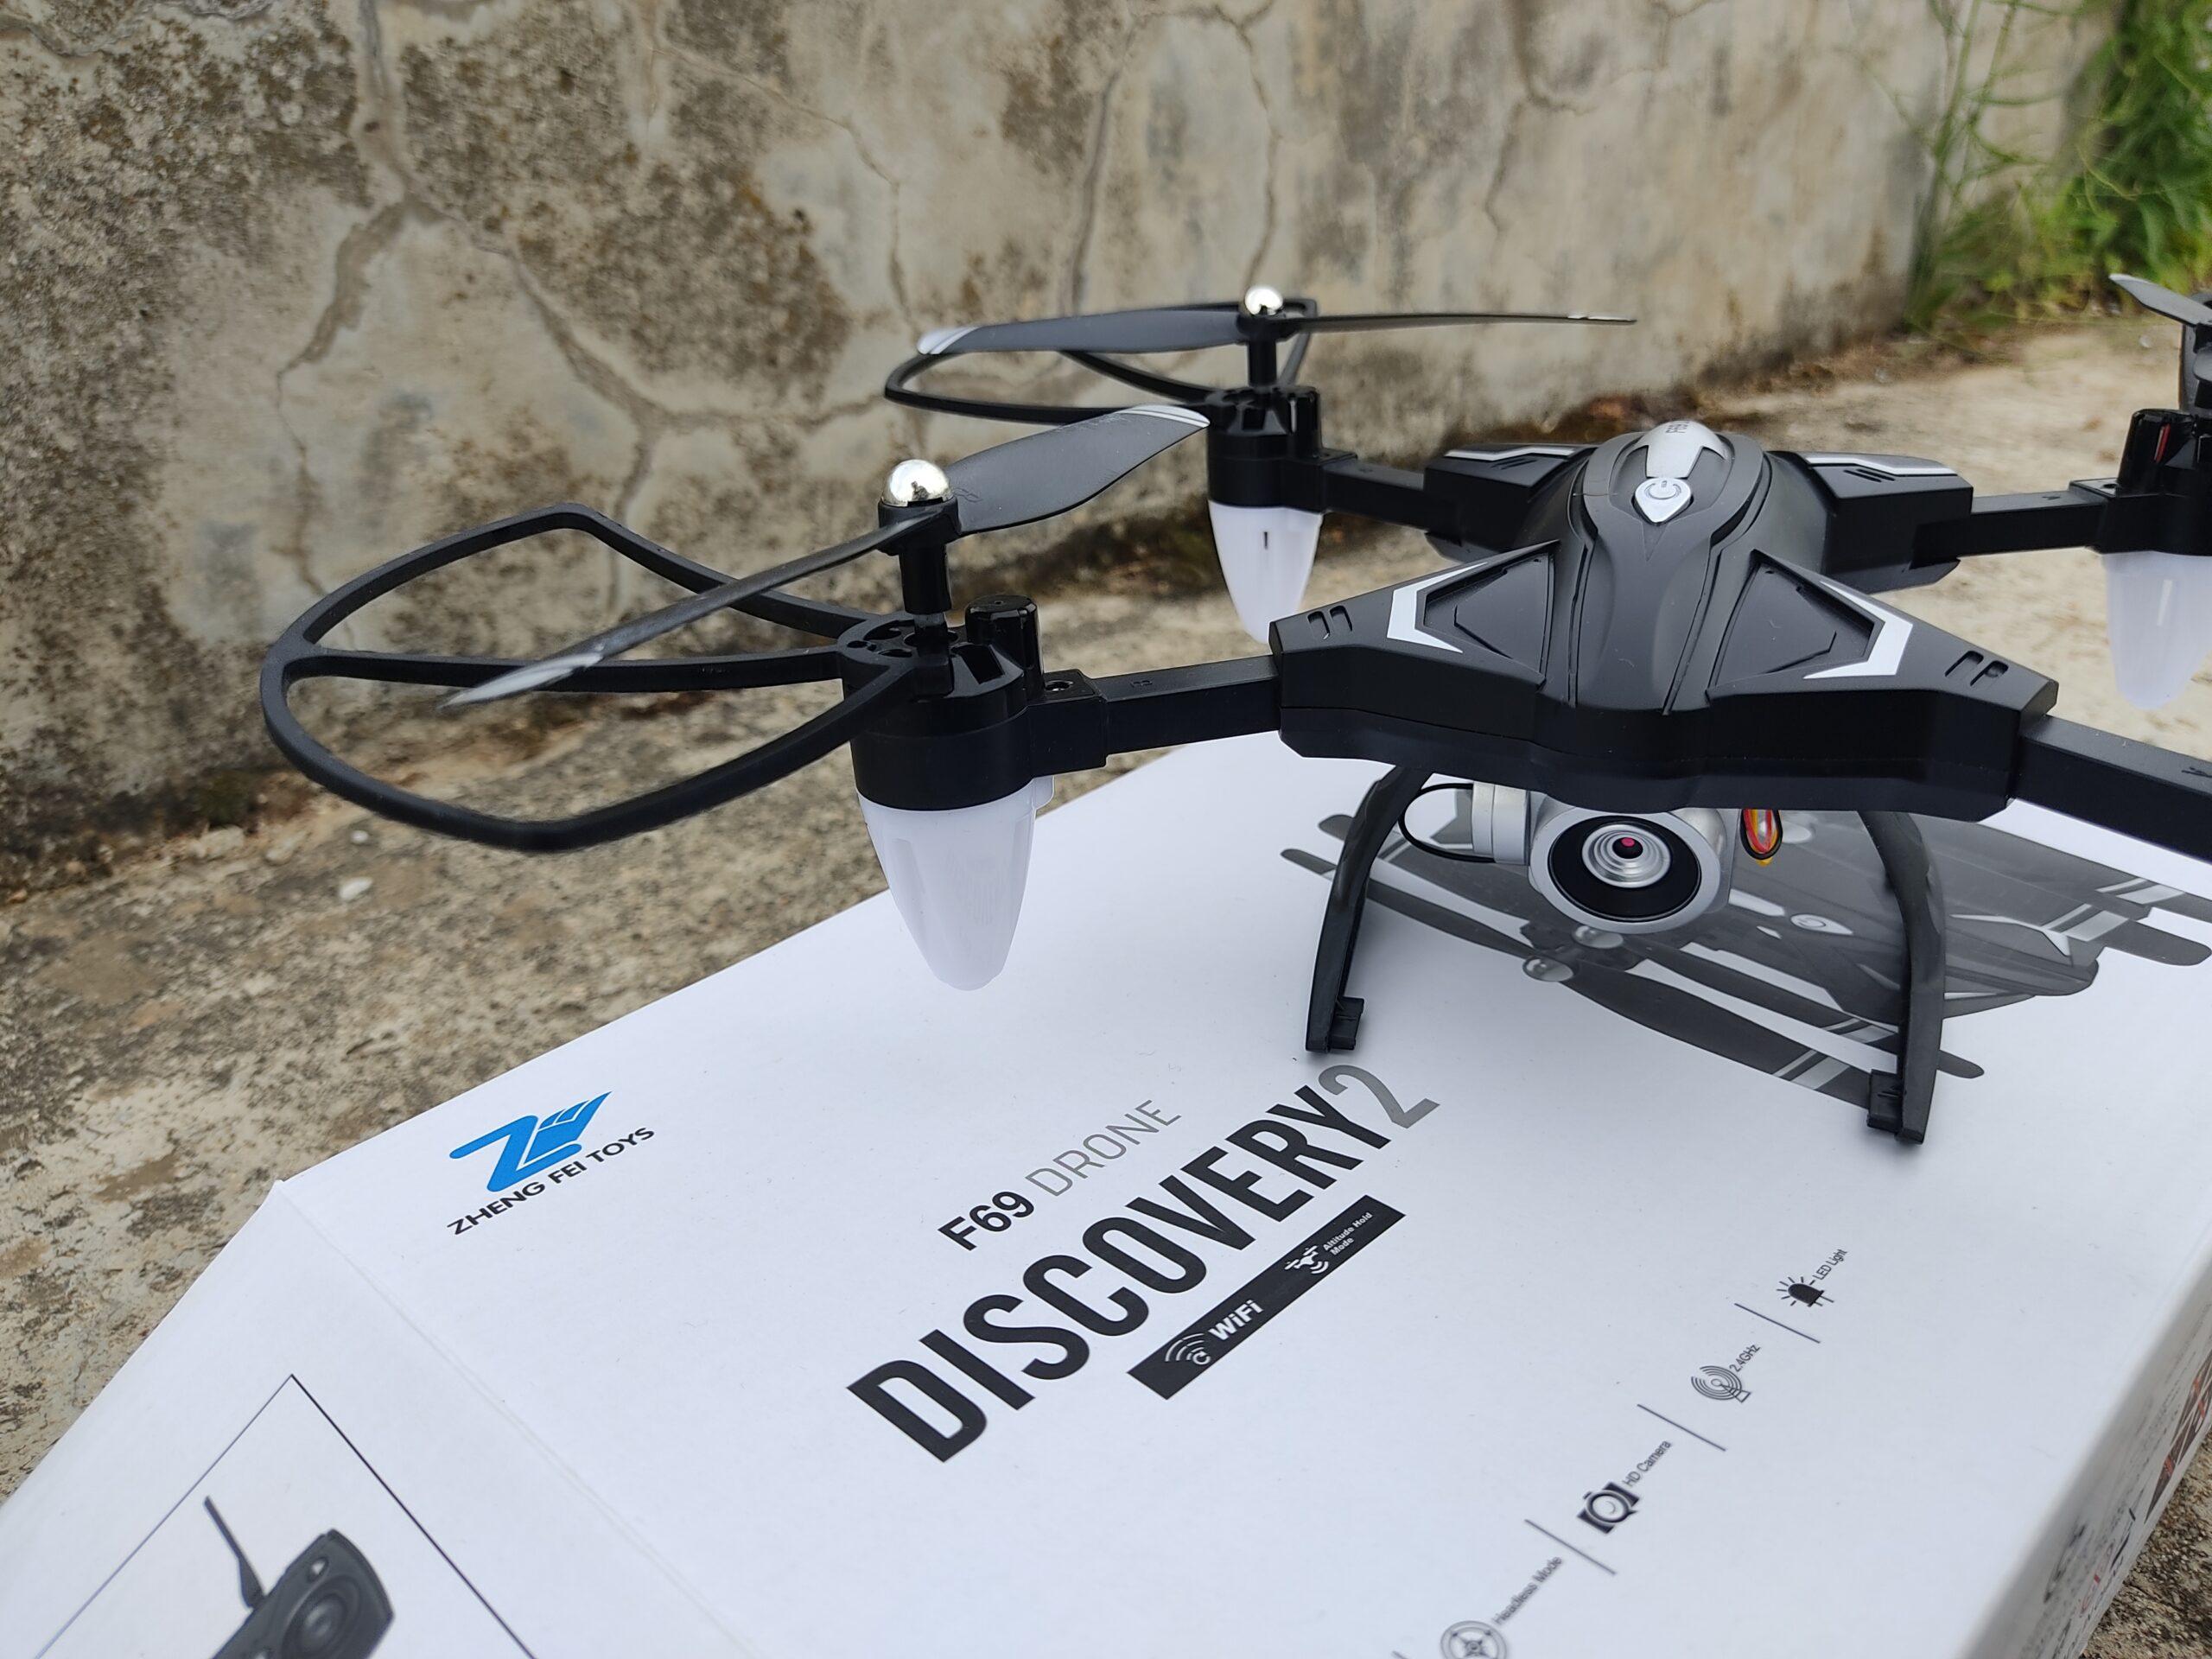 Zheng Fei Toys F69 Drone